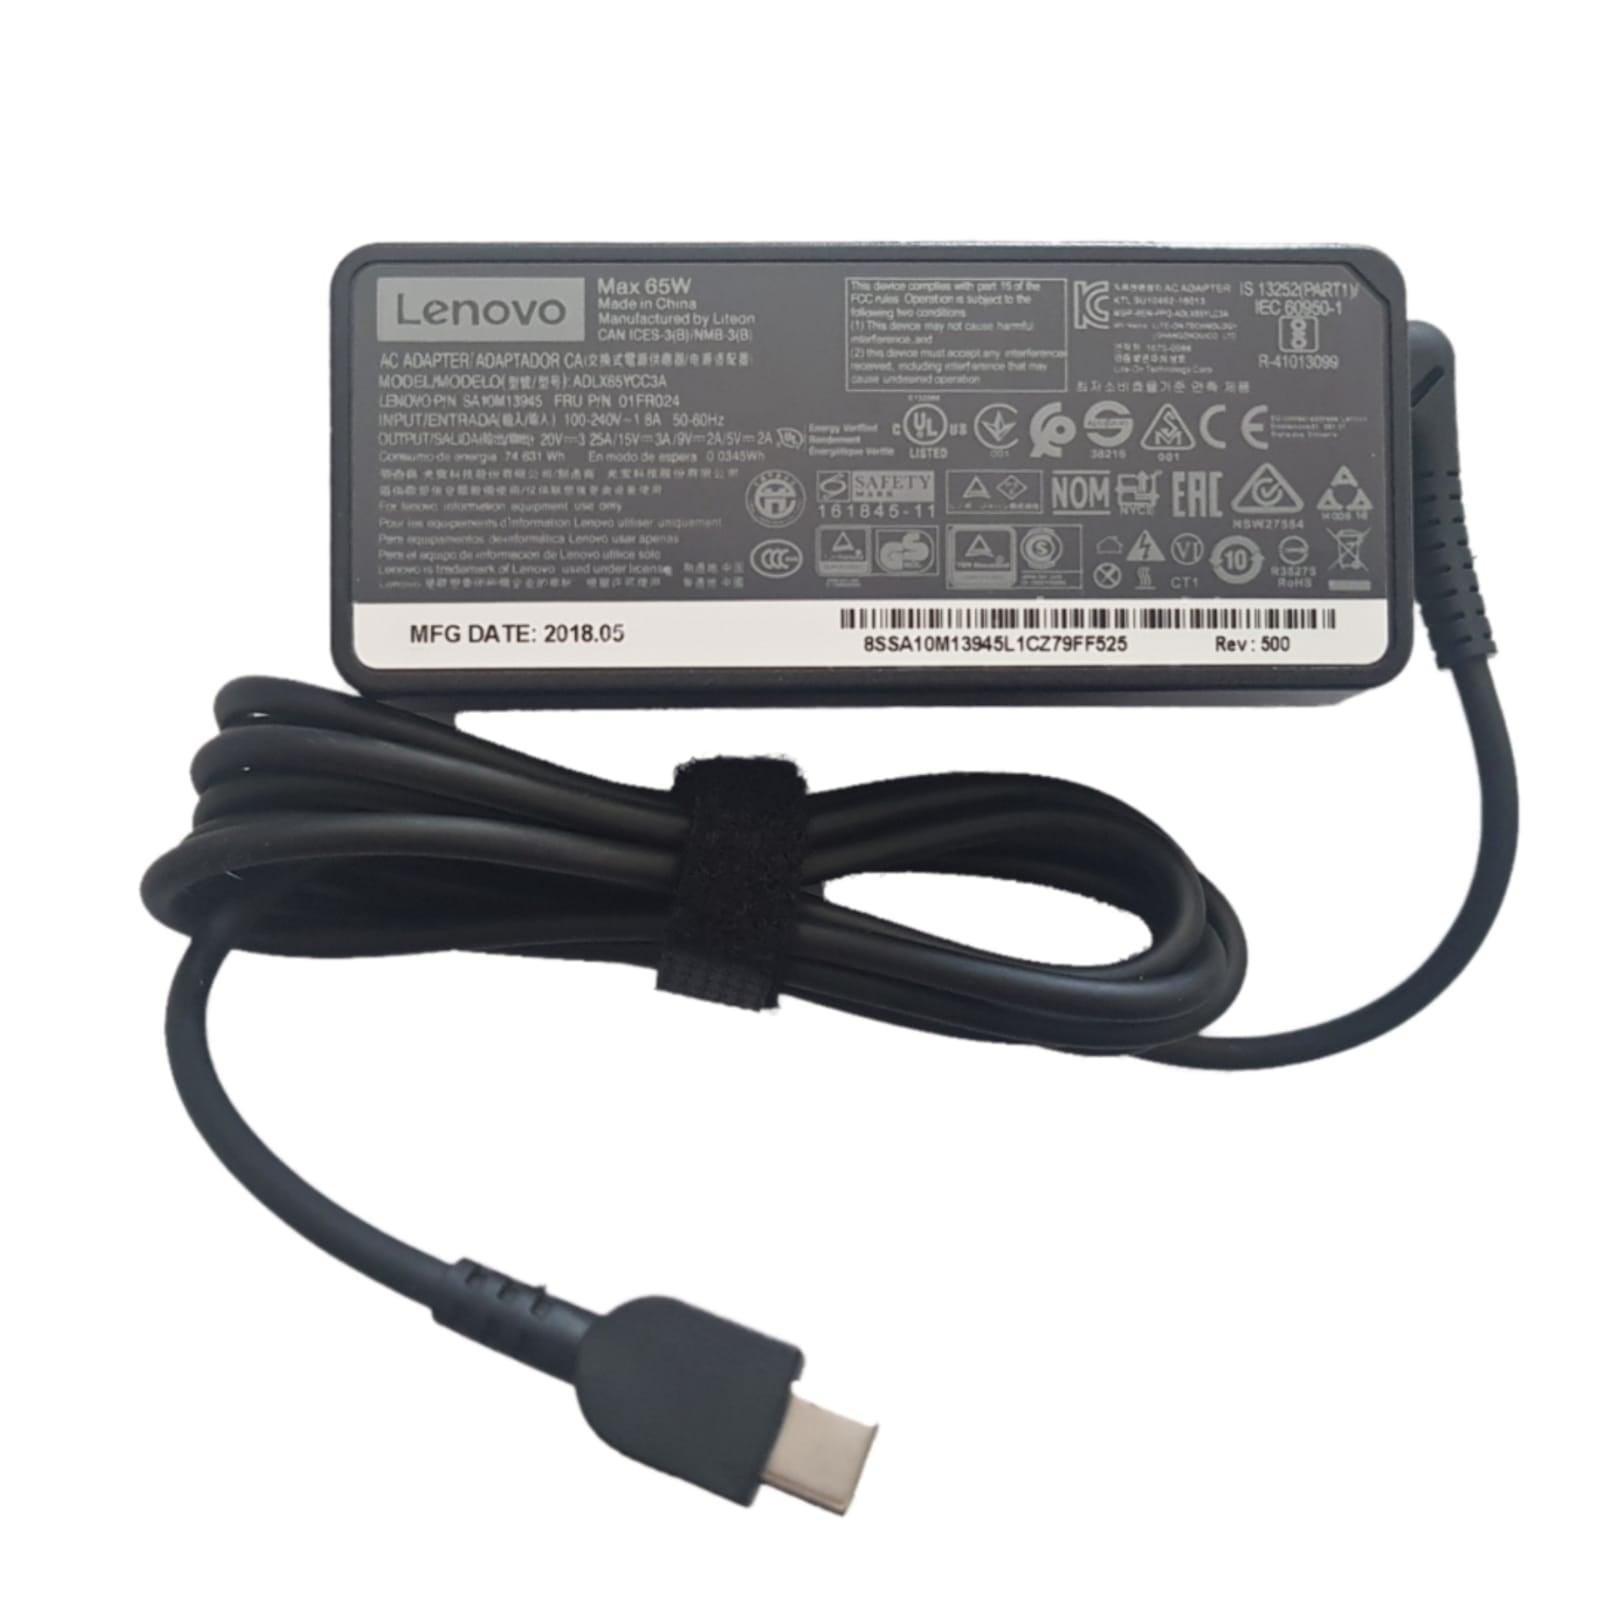 מטען למחשב לנובו Lenovo 65w Type-C USB -C - אחריות יבואן רשמי